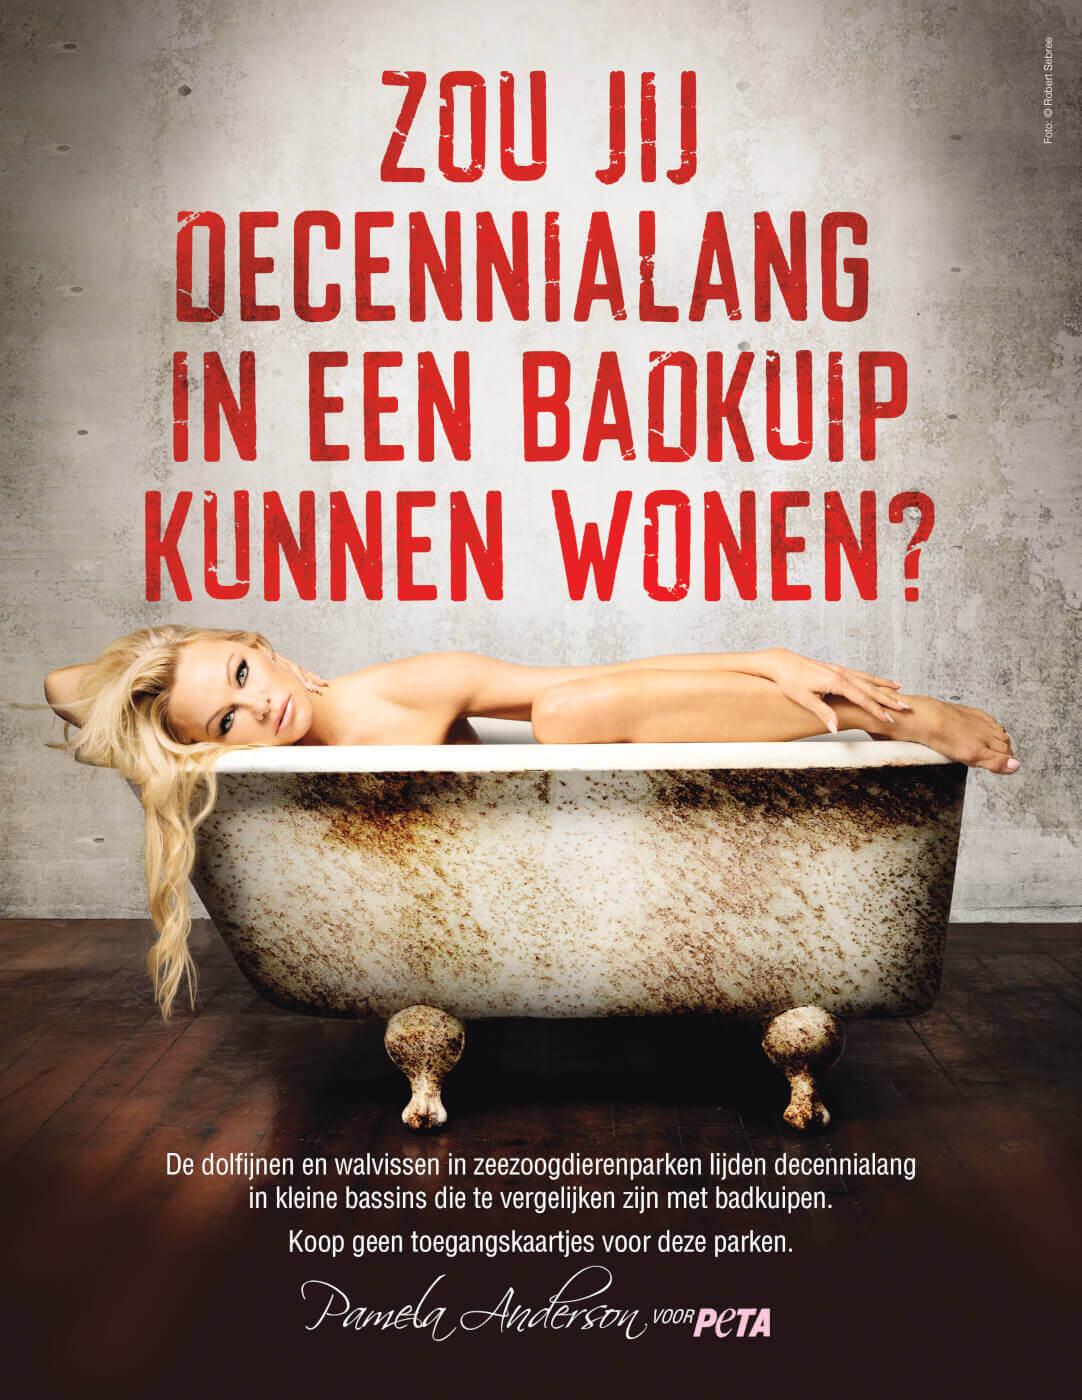 Pamela Anderson in een badkuip voor zeedieren